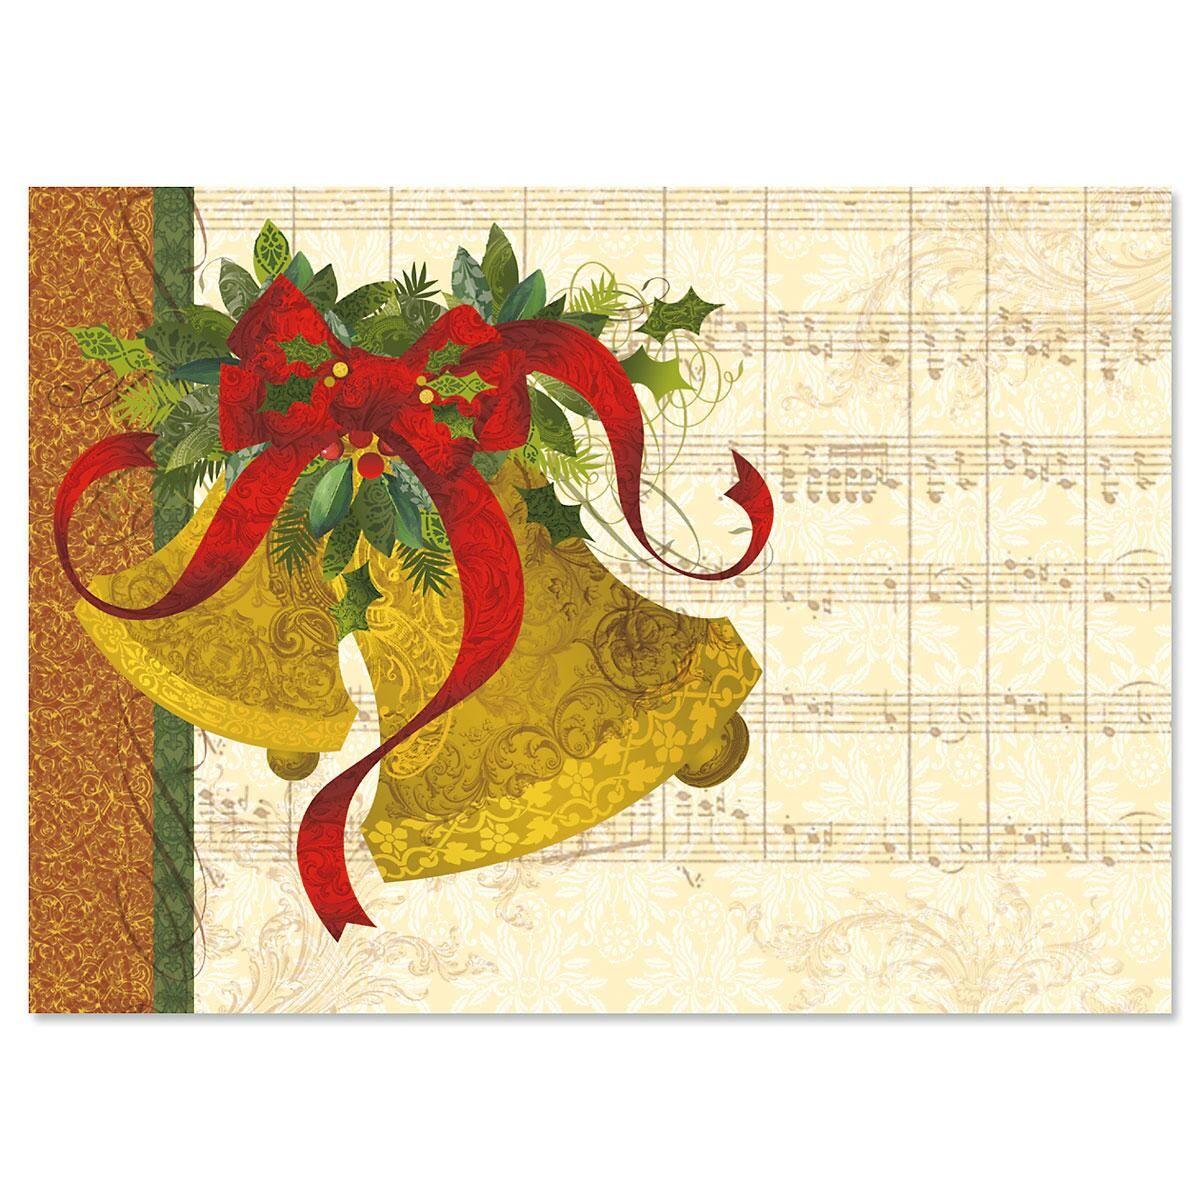 Joyful Bells Deluxe Christmas Cards